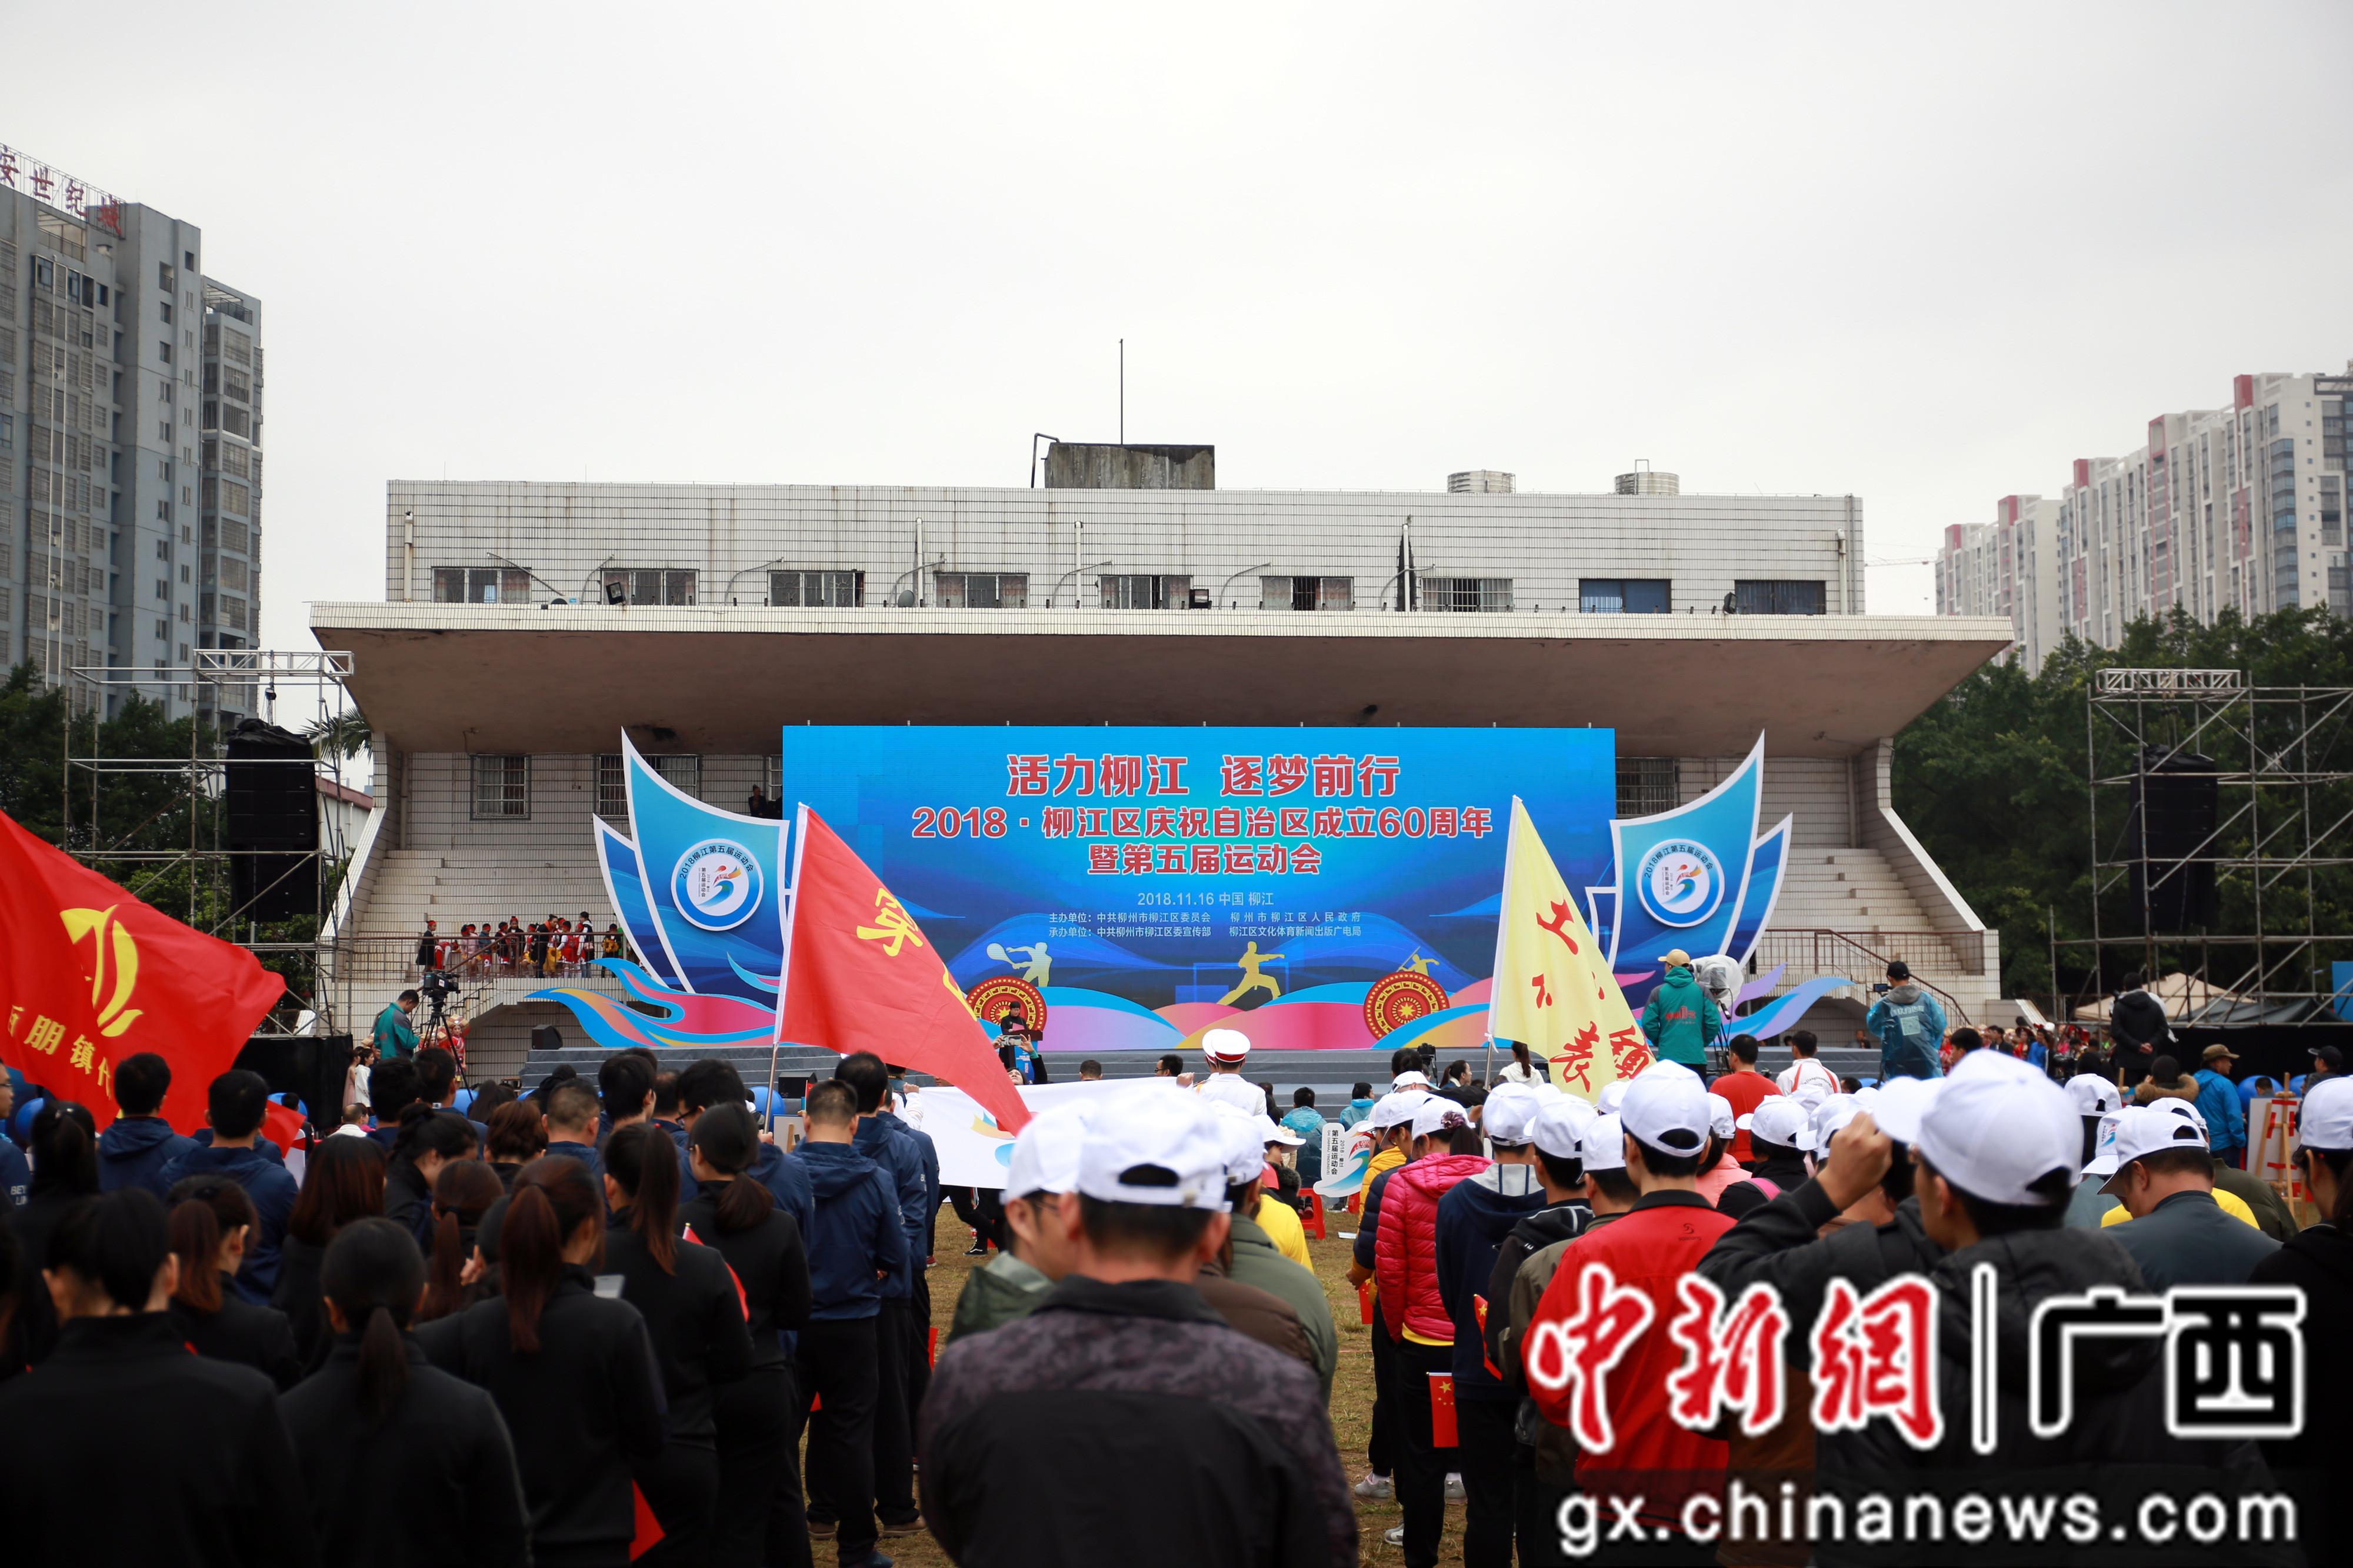 柳州市柳江区第五届运动会开幕 约千人参赛